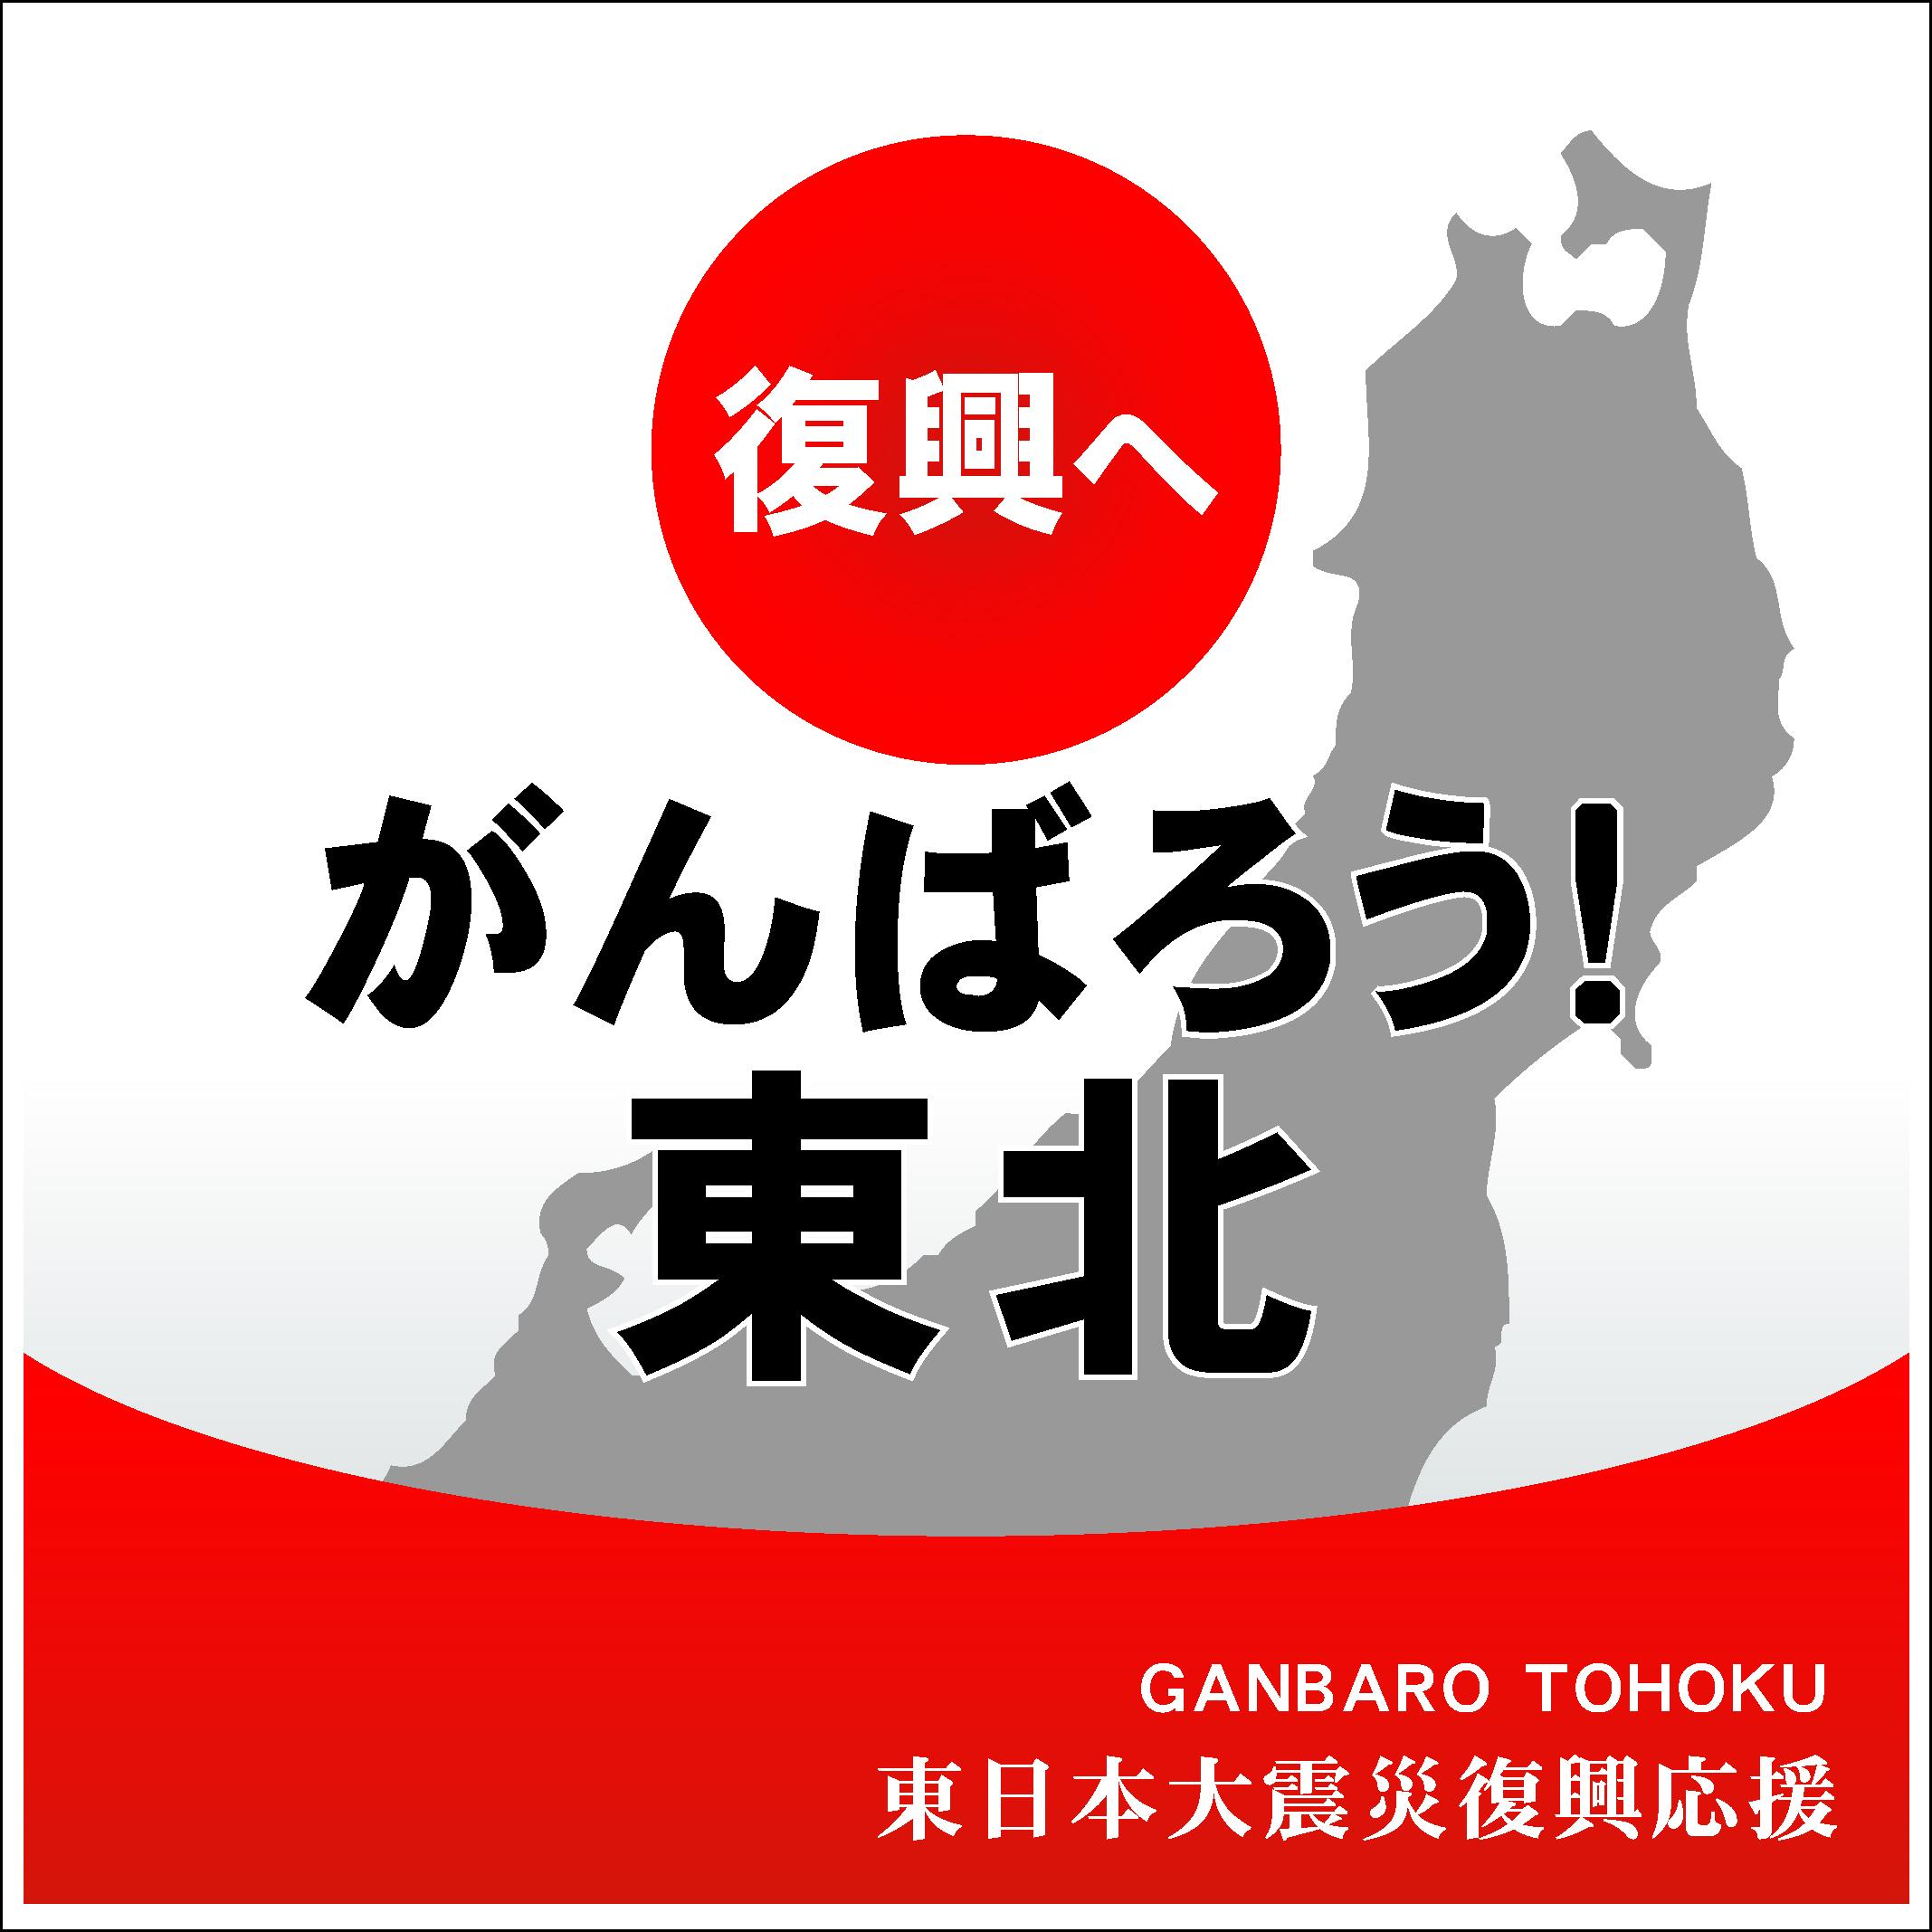 復興支援「復興へ・がんばろう!東北」ロゴ